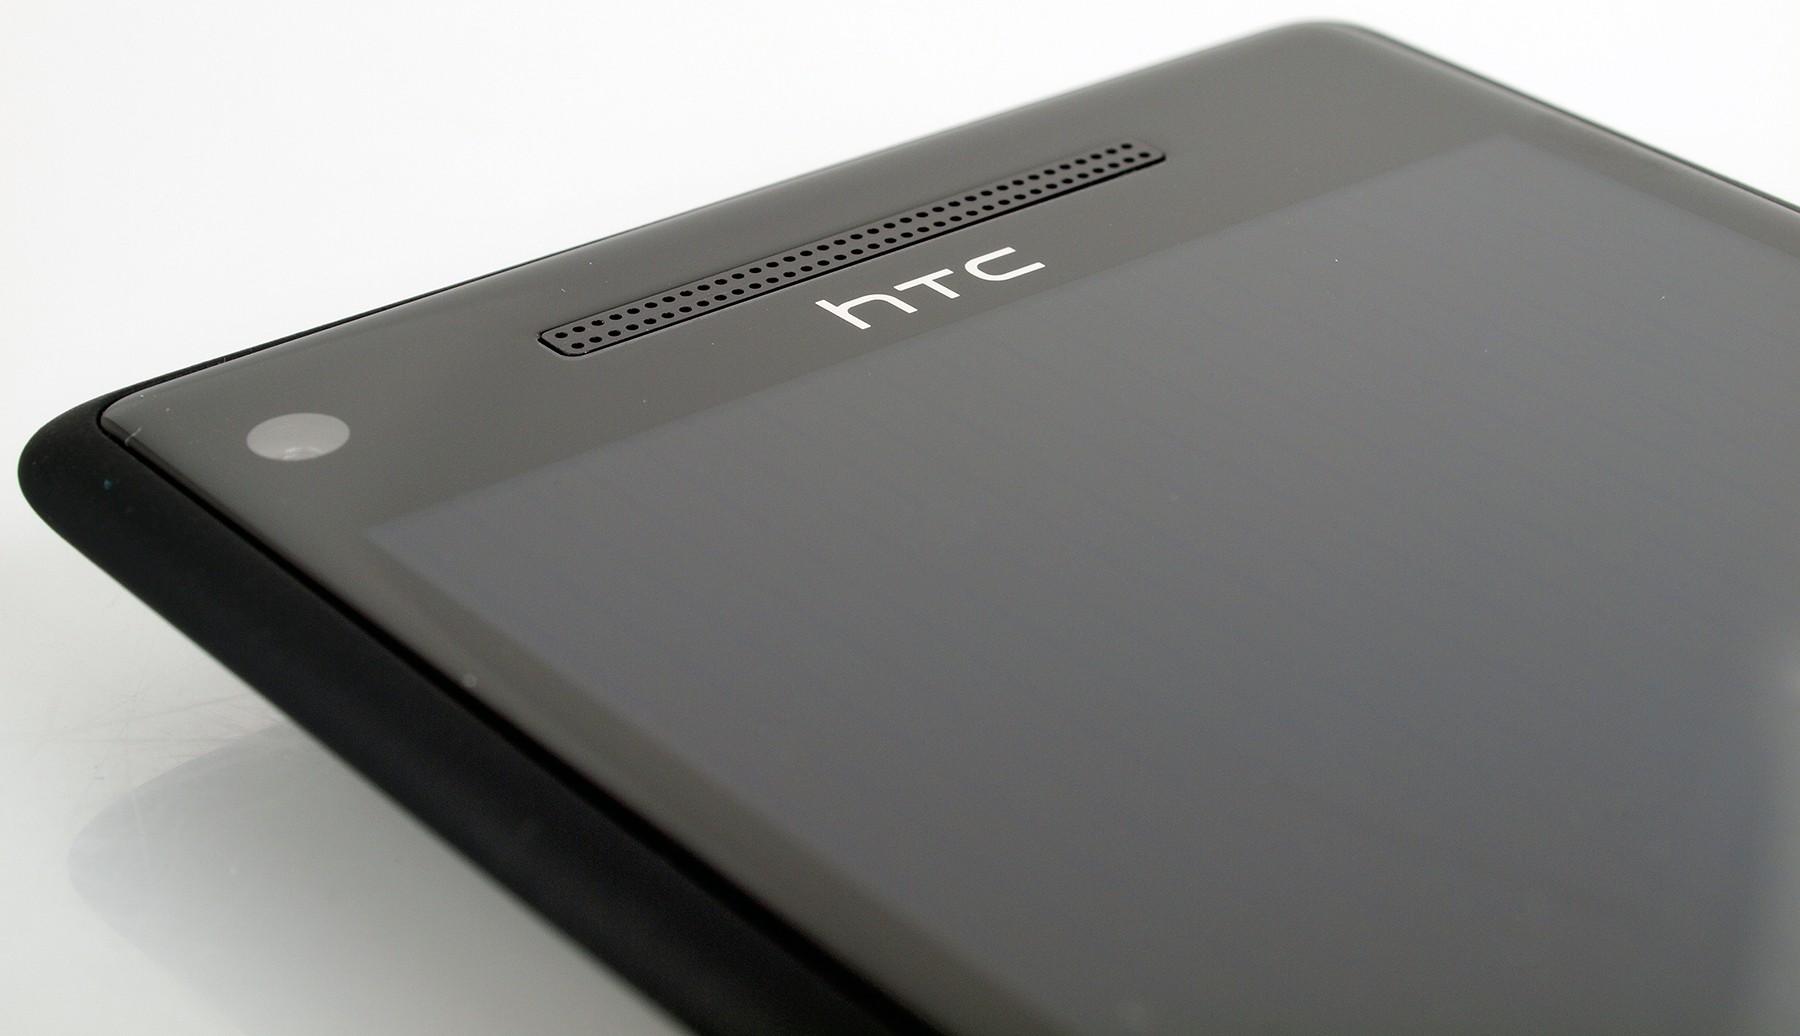 """image001 - HTC sẽ ra mắt điện thoại """"tự sướng"""" mới vào 8/10/2014"""